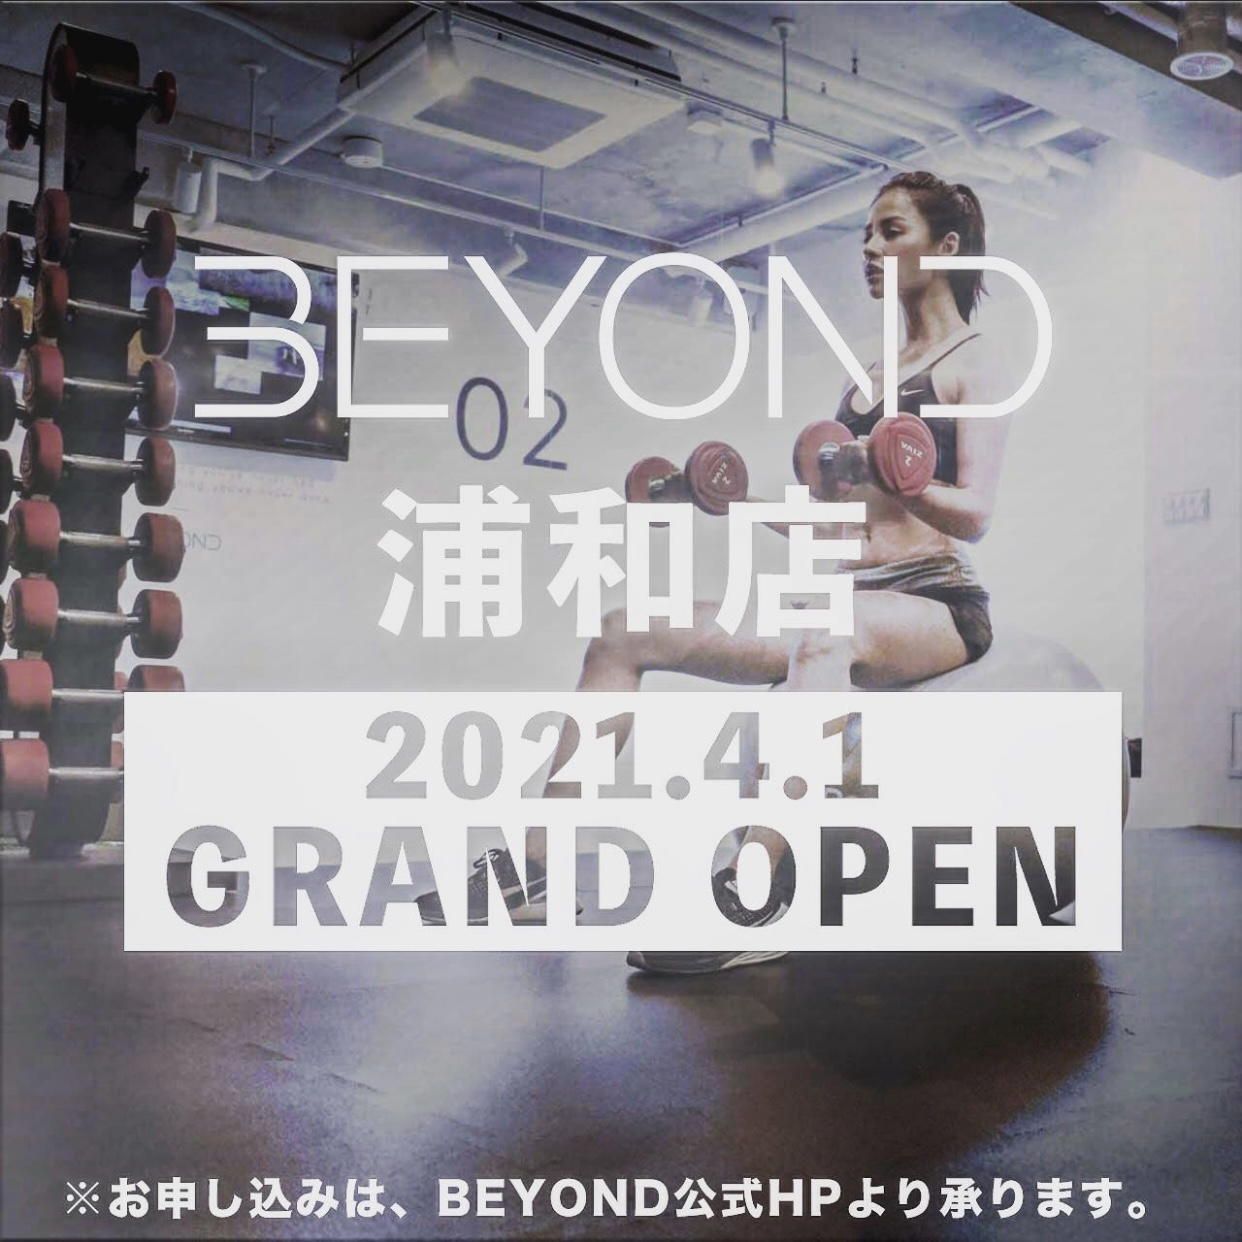 【埼玉県初出店!】浦和にパーソナルトレーニングジムBEYONDがオープン!